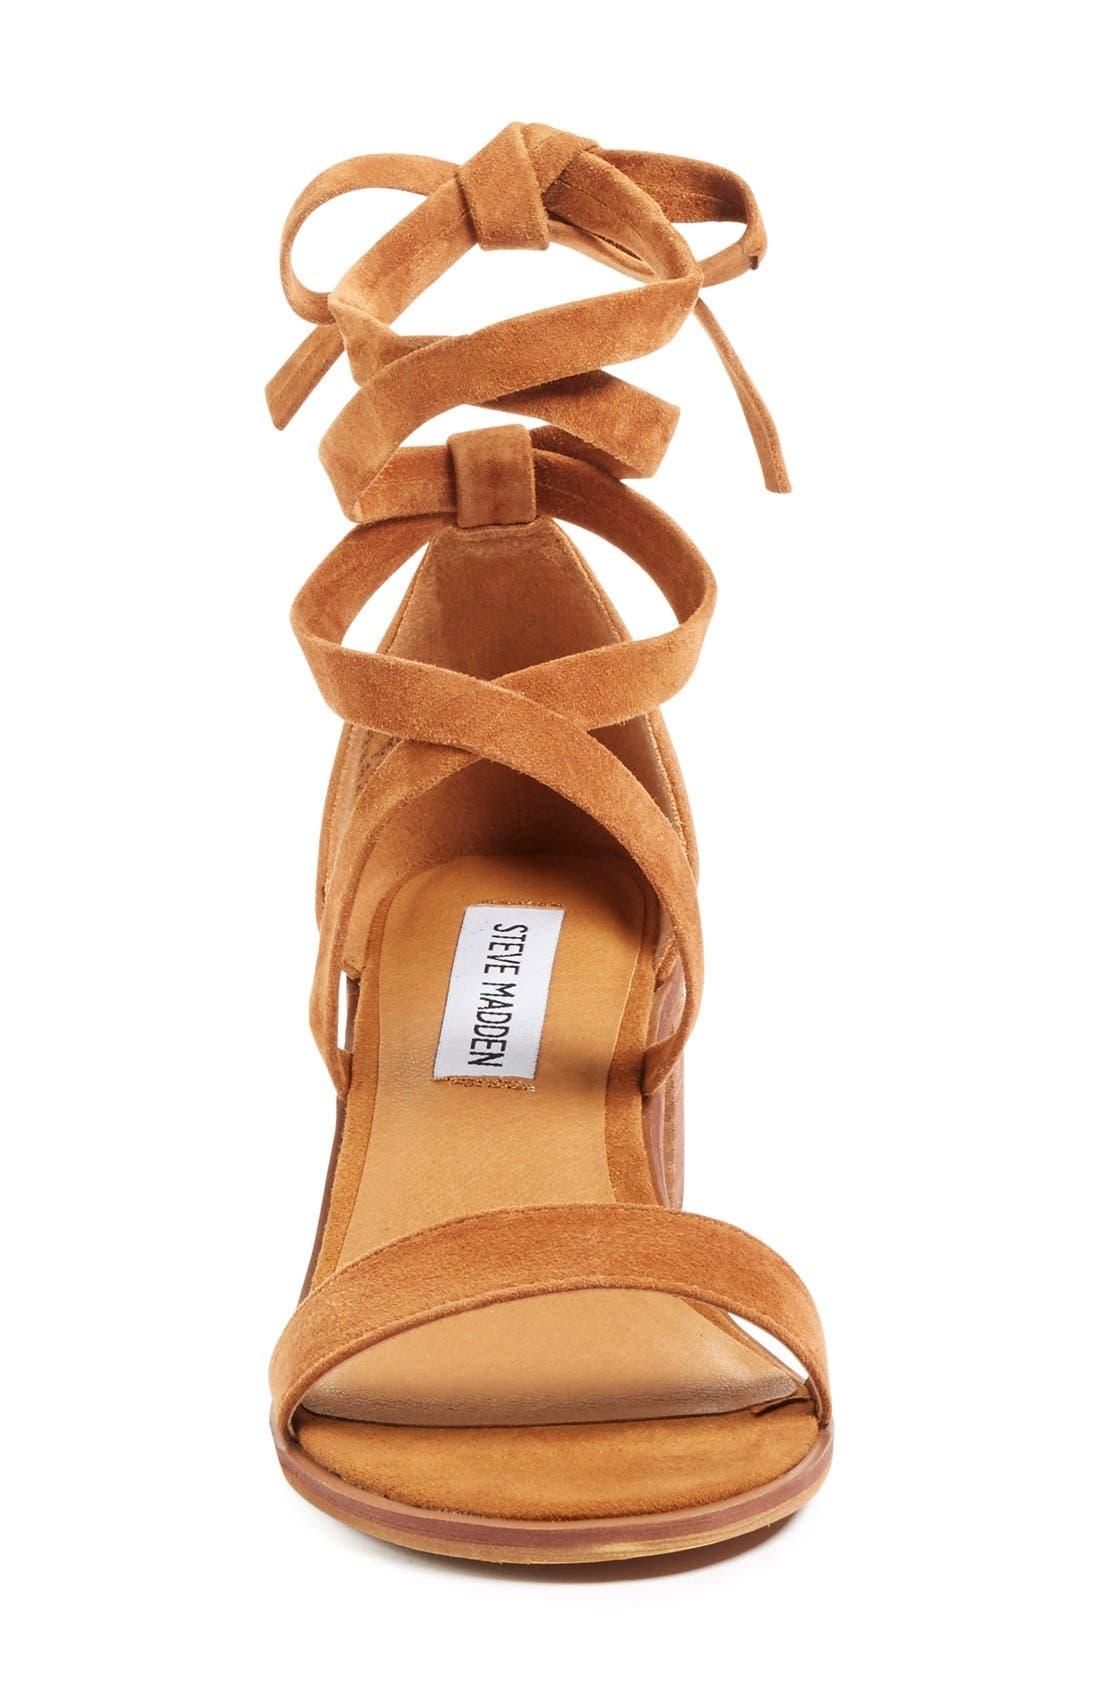 Alternate Image 3  - Steve Madden 'Rizzaa' Ankle Strap Sandal (Women)